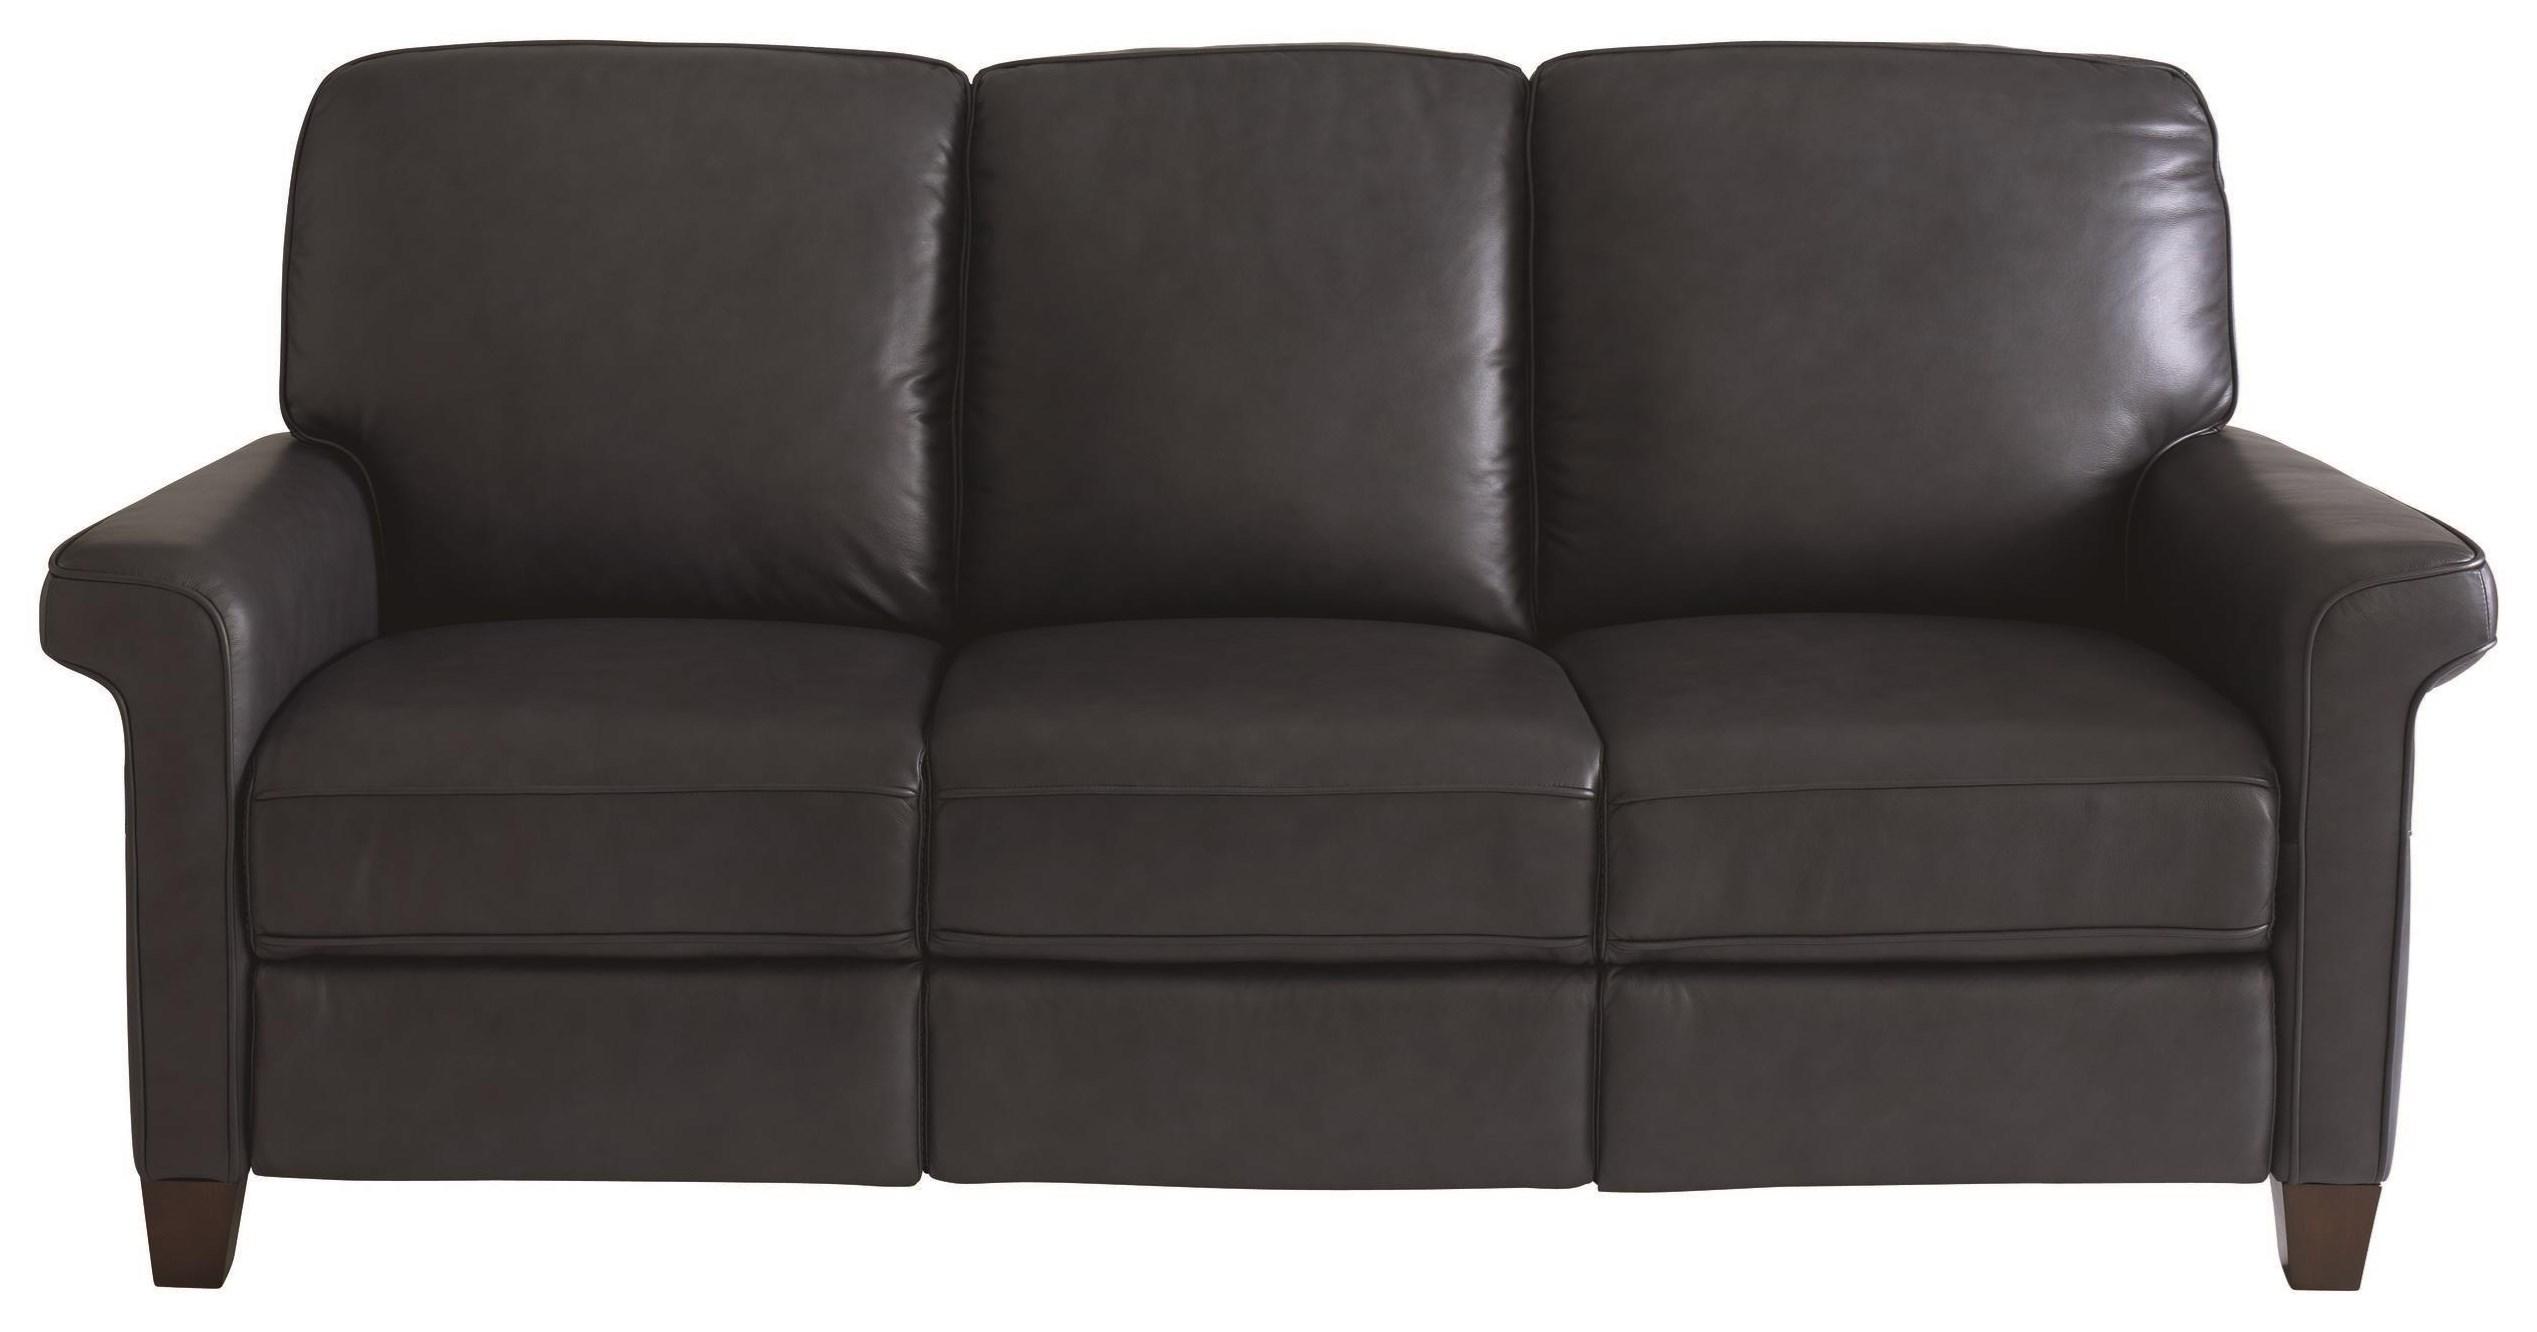 Dixon Power Reclining Sofa by Bassett at Johnny Janosik